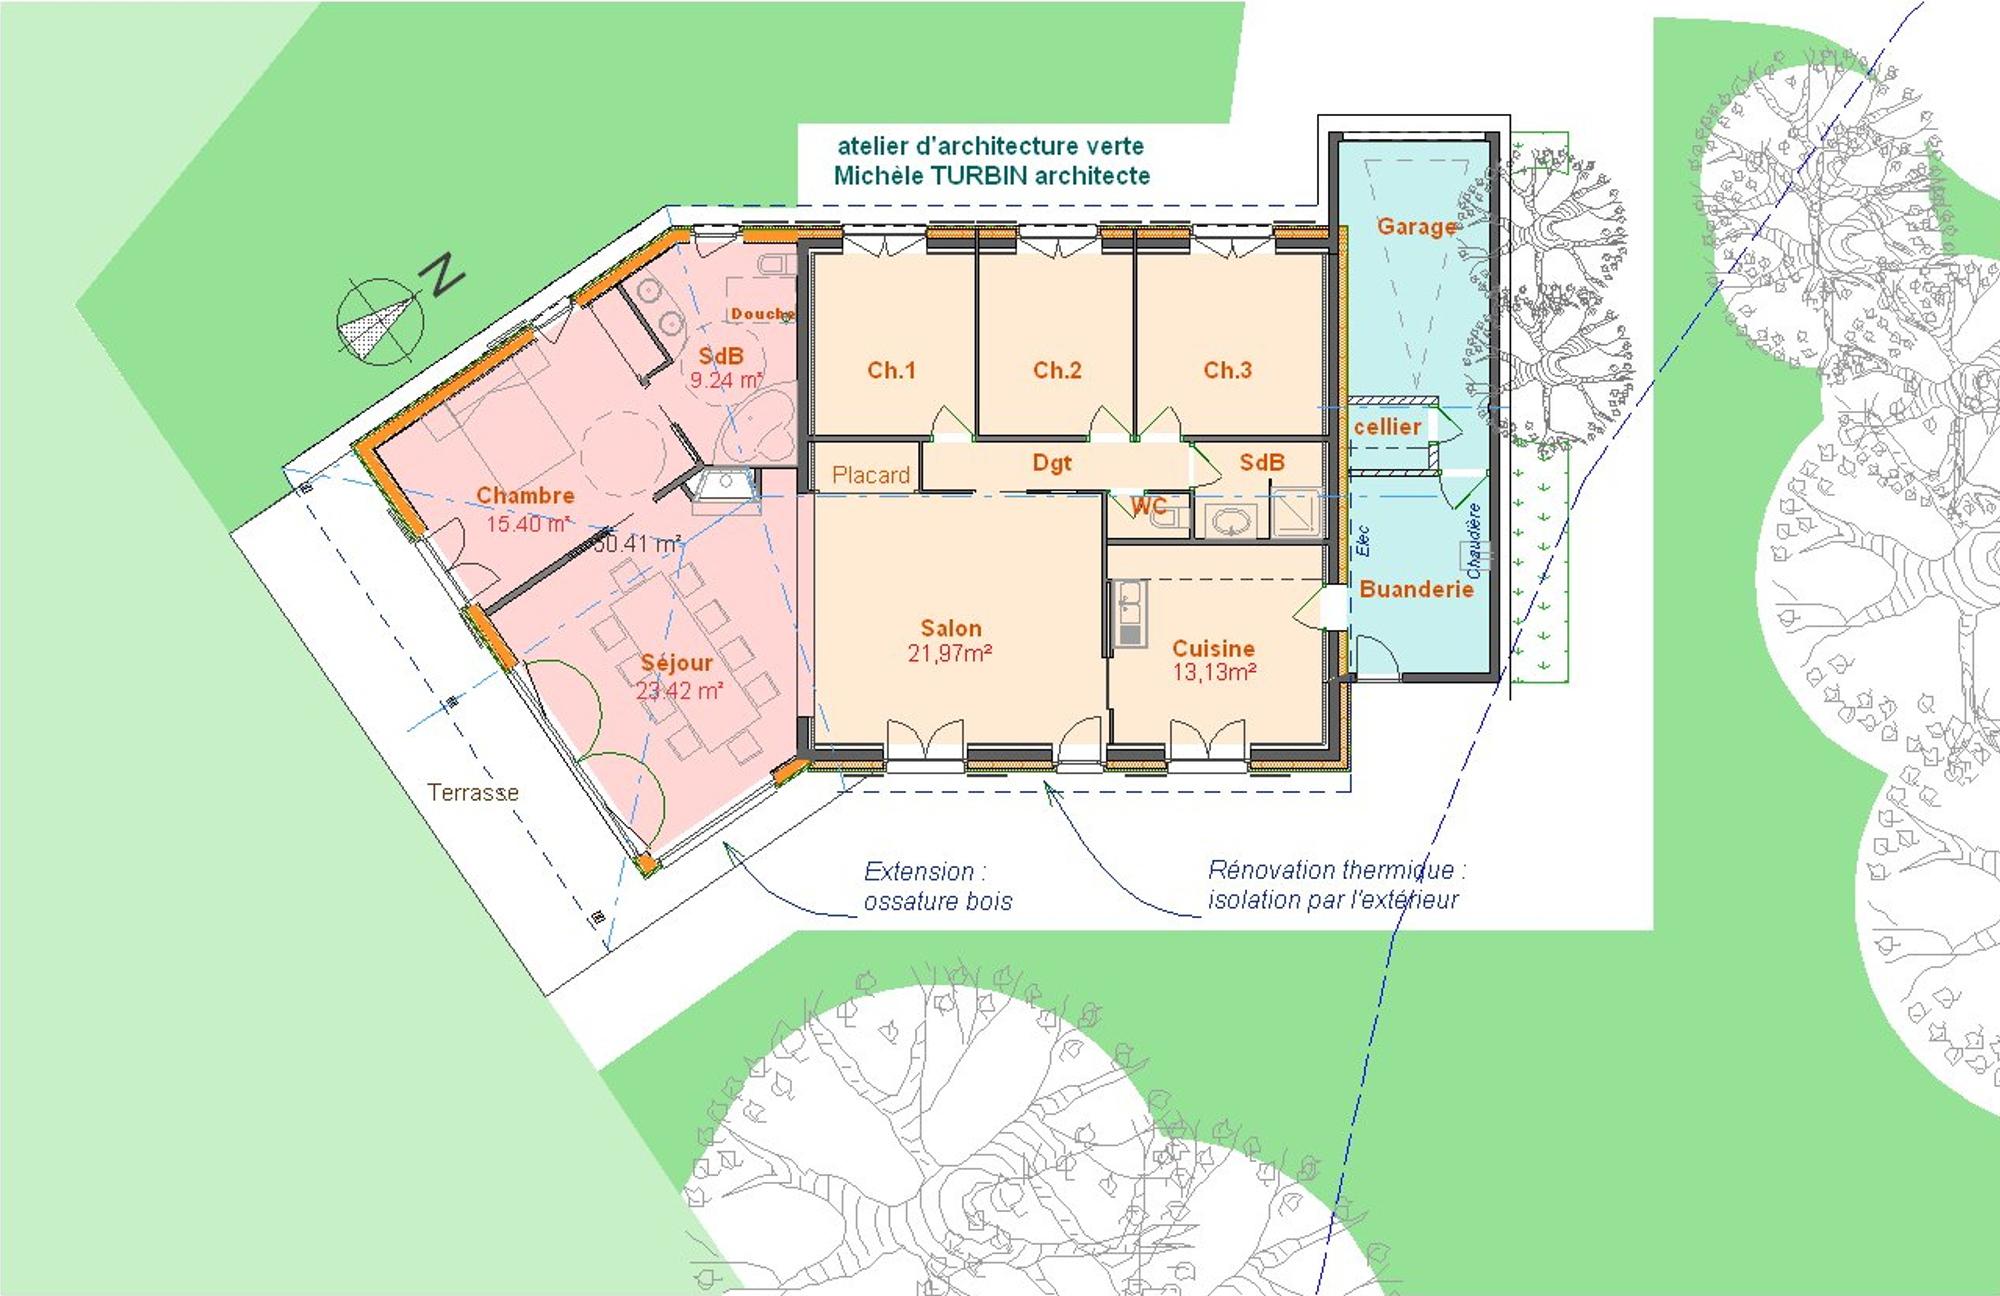 Extension et renovation thermique - plan -